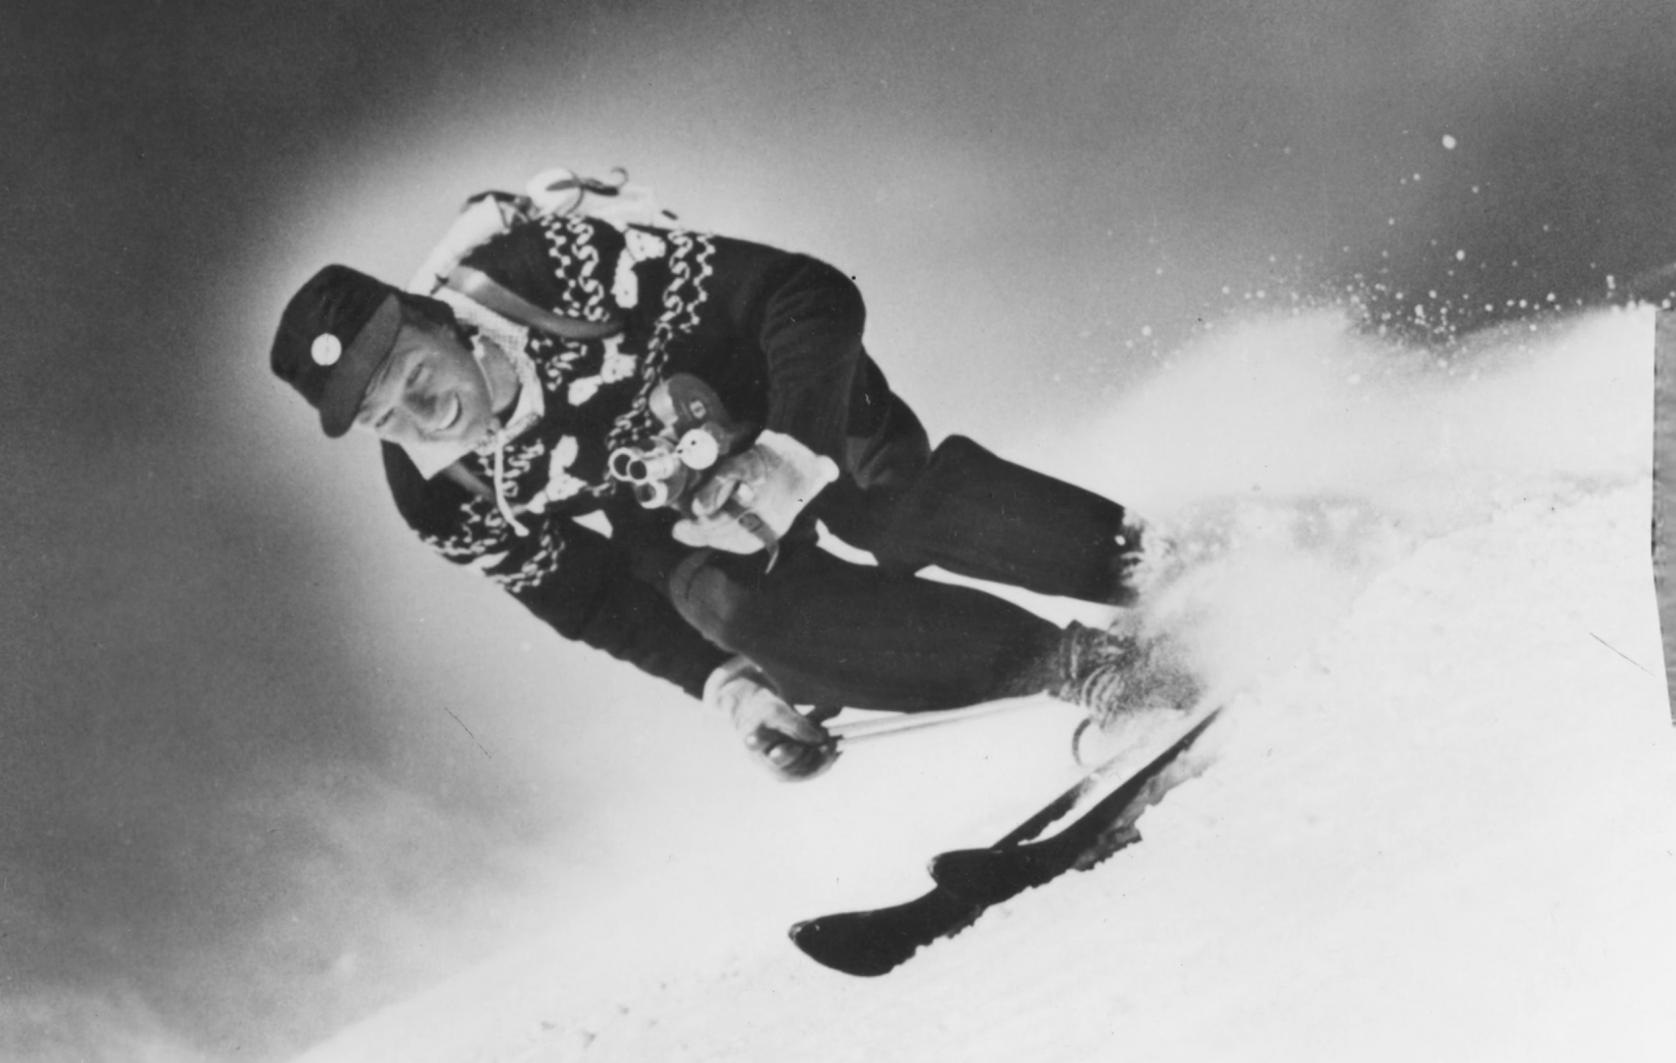 warren miller skiing in 1950s